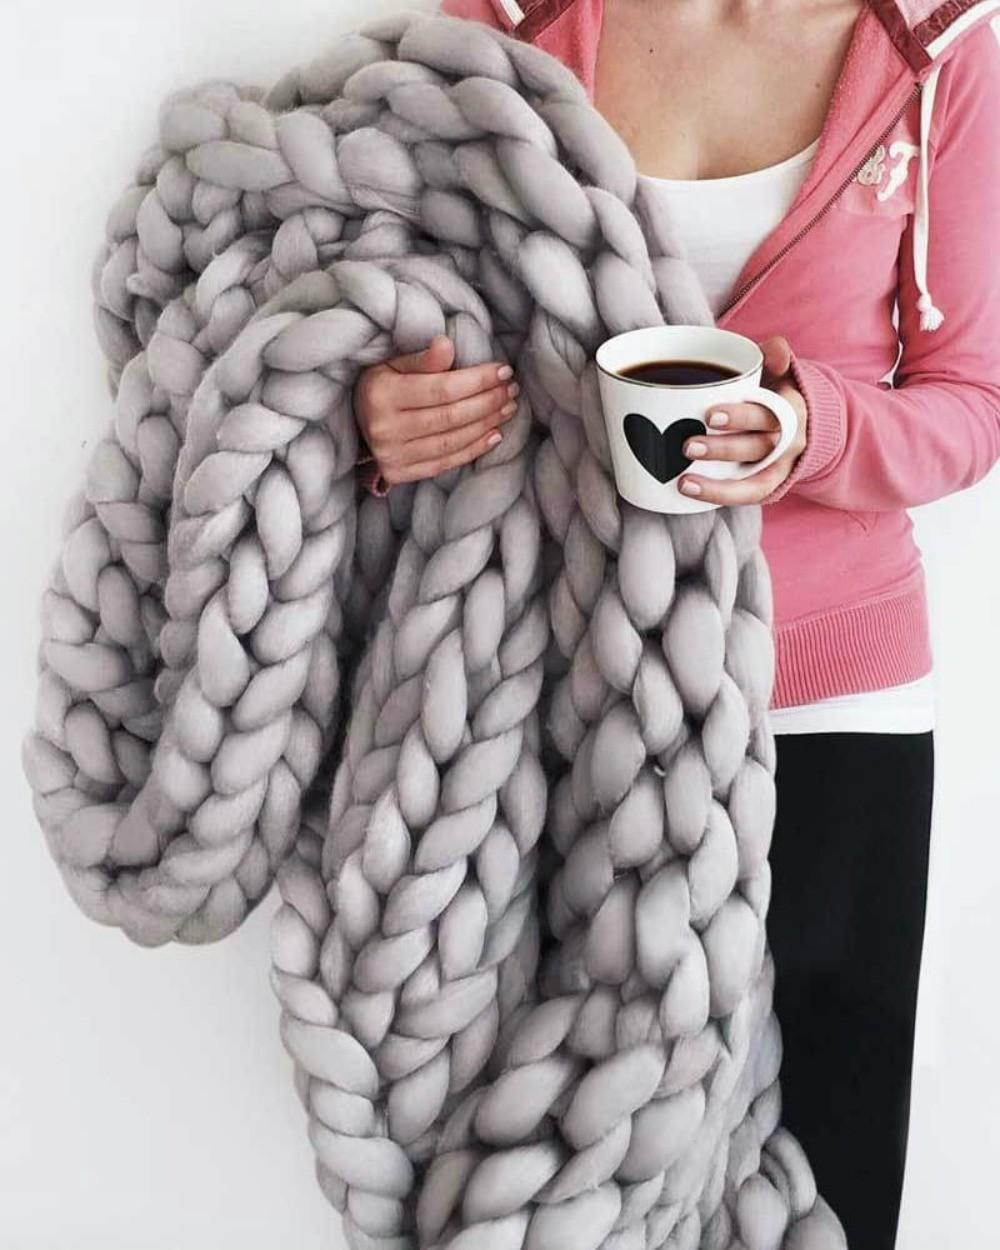 Уход за зимним текстилем: 7 правил, которые важно знать